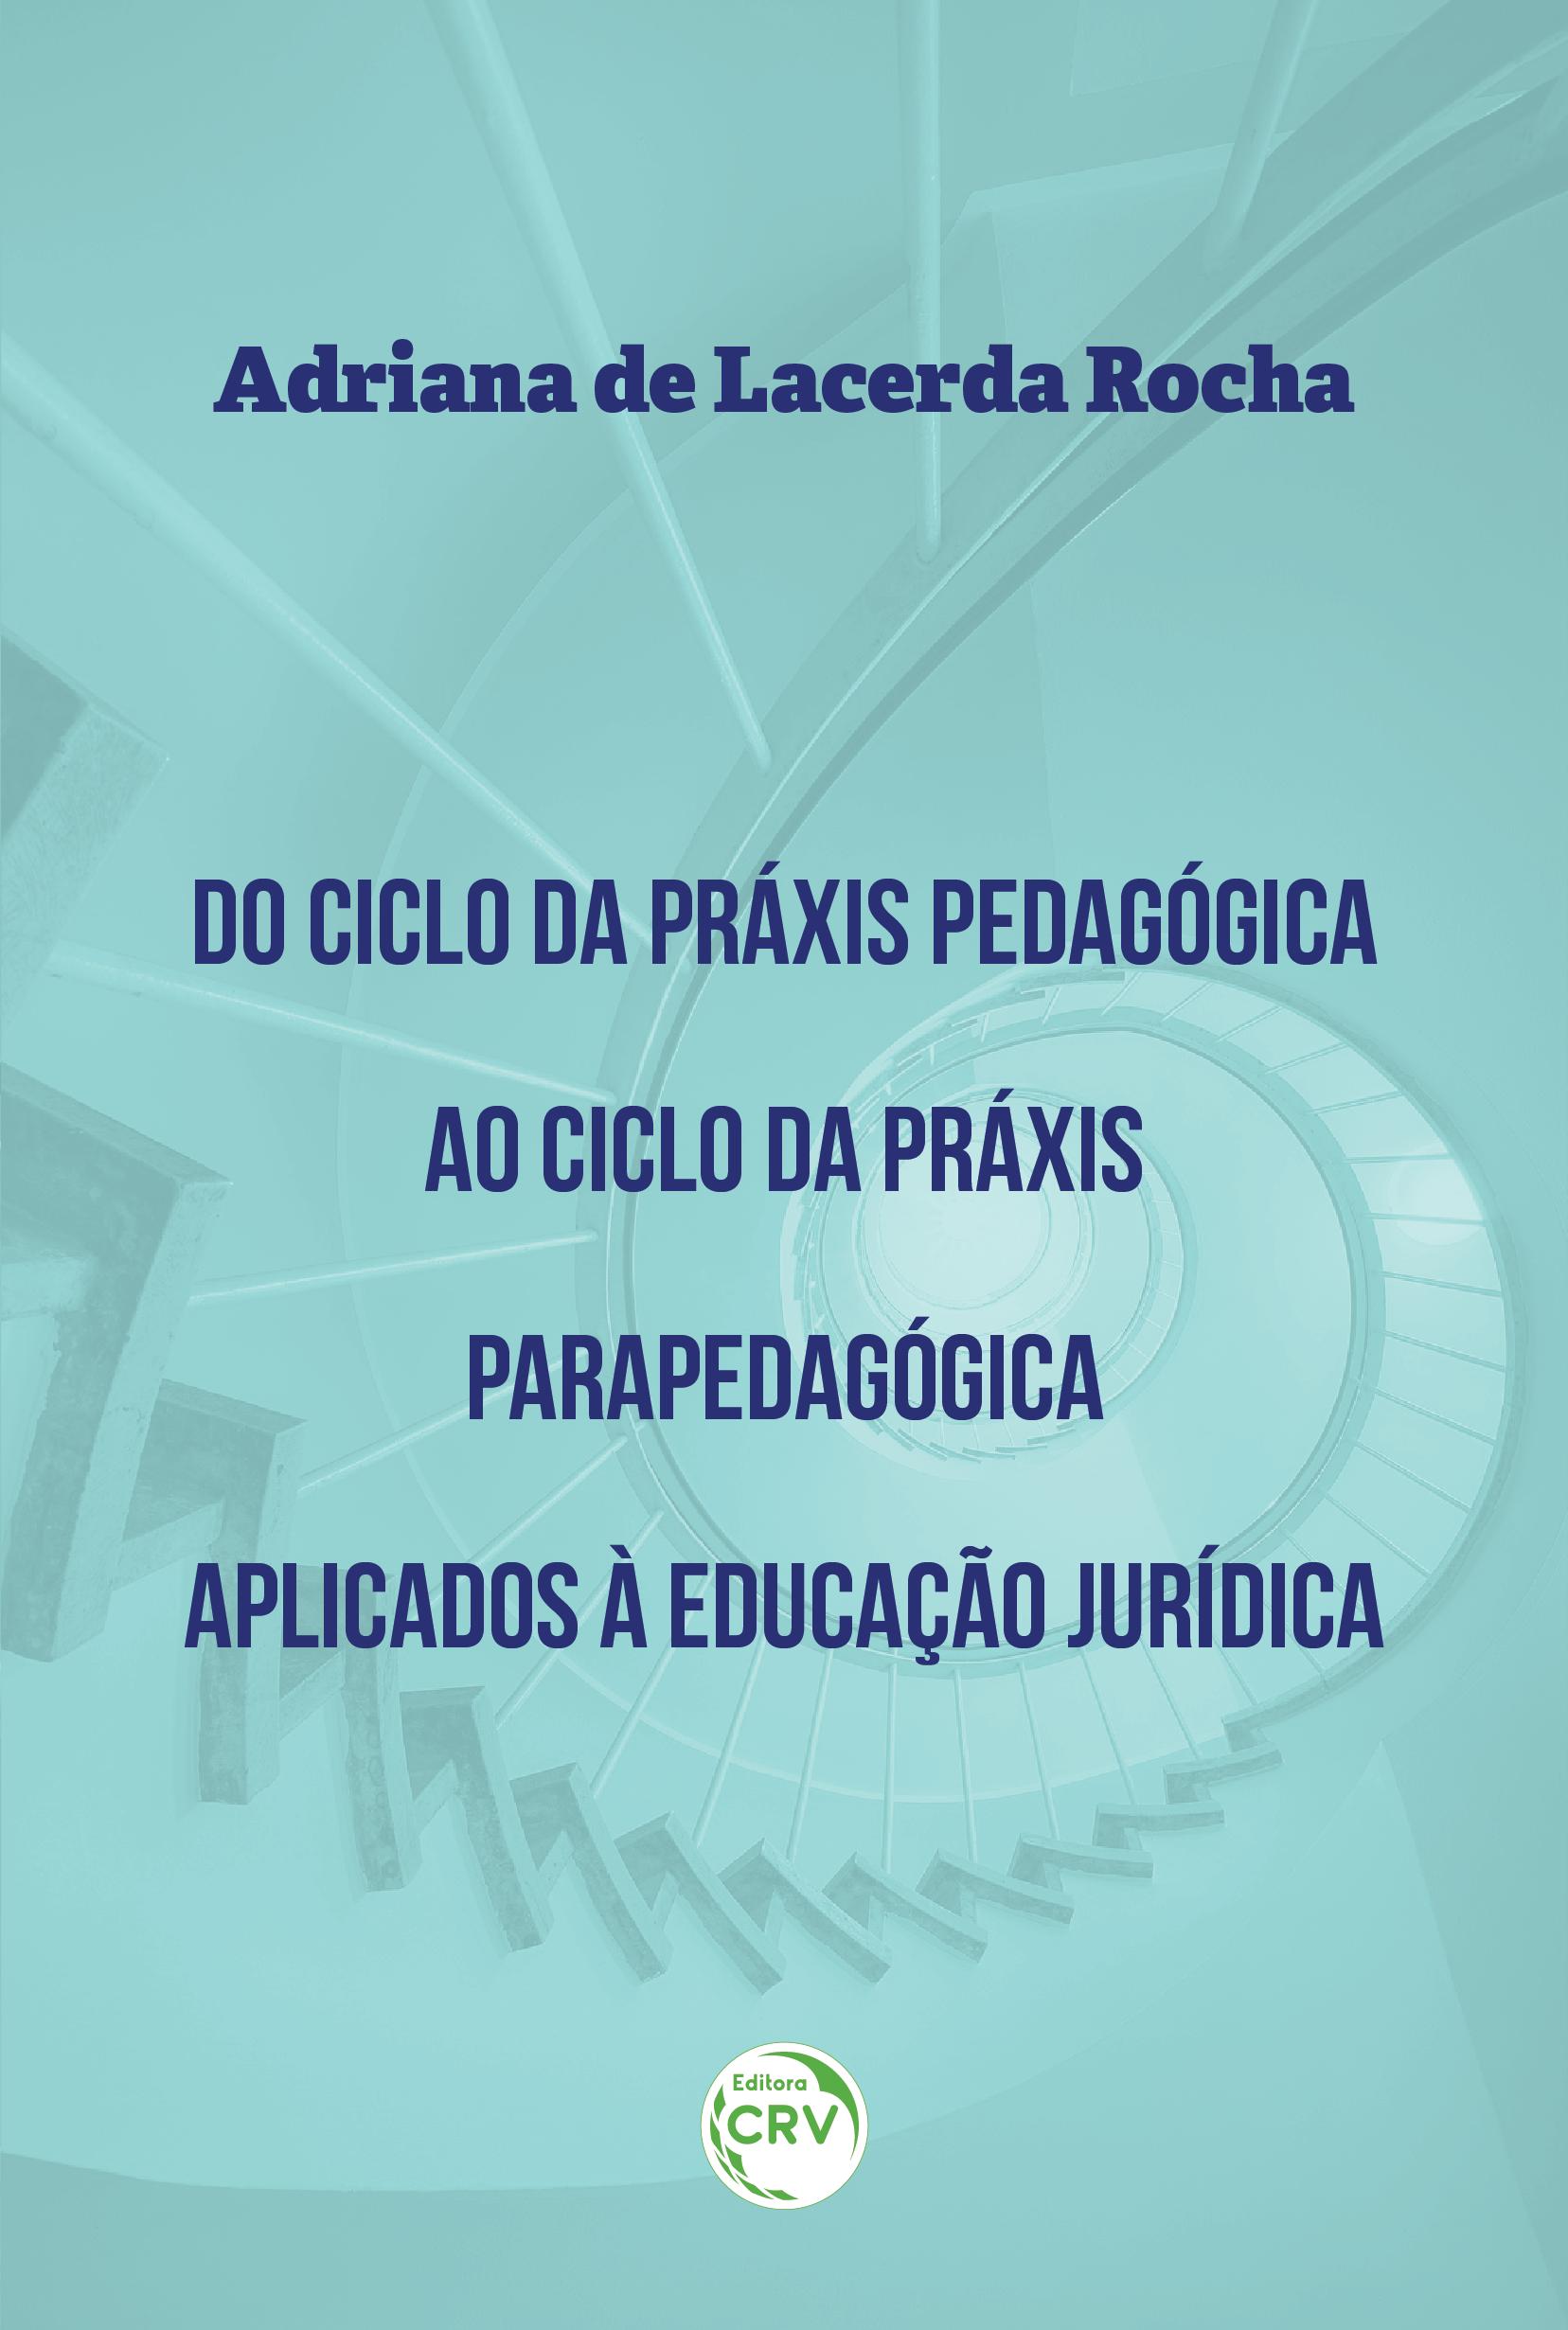 Capa do livro: DO CICLO DA PRÁXIS PEDAGÓGICA AO CICLO DA PRÁXIS PARAPEDAGÓGICA APLICADOS À EDUCAÇÃO JURÍDICA